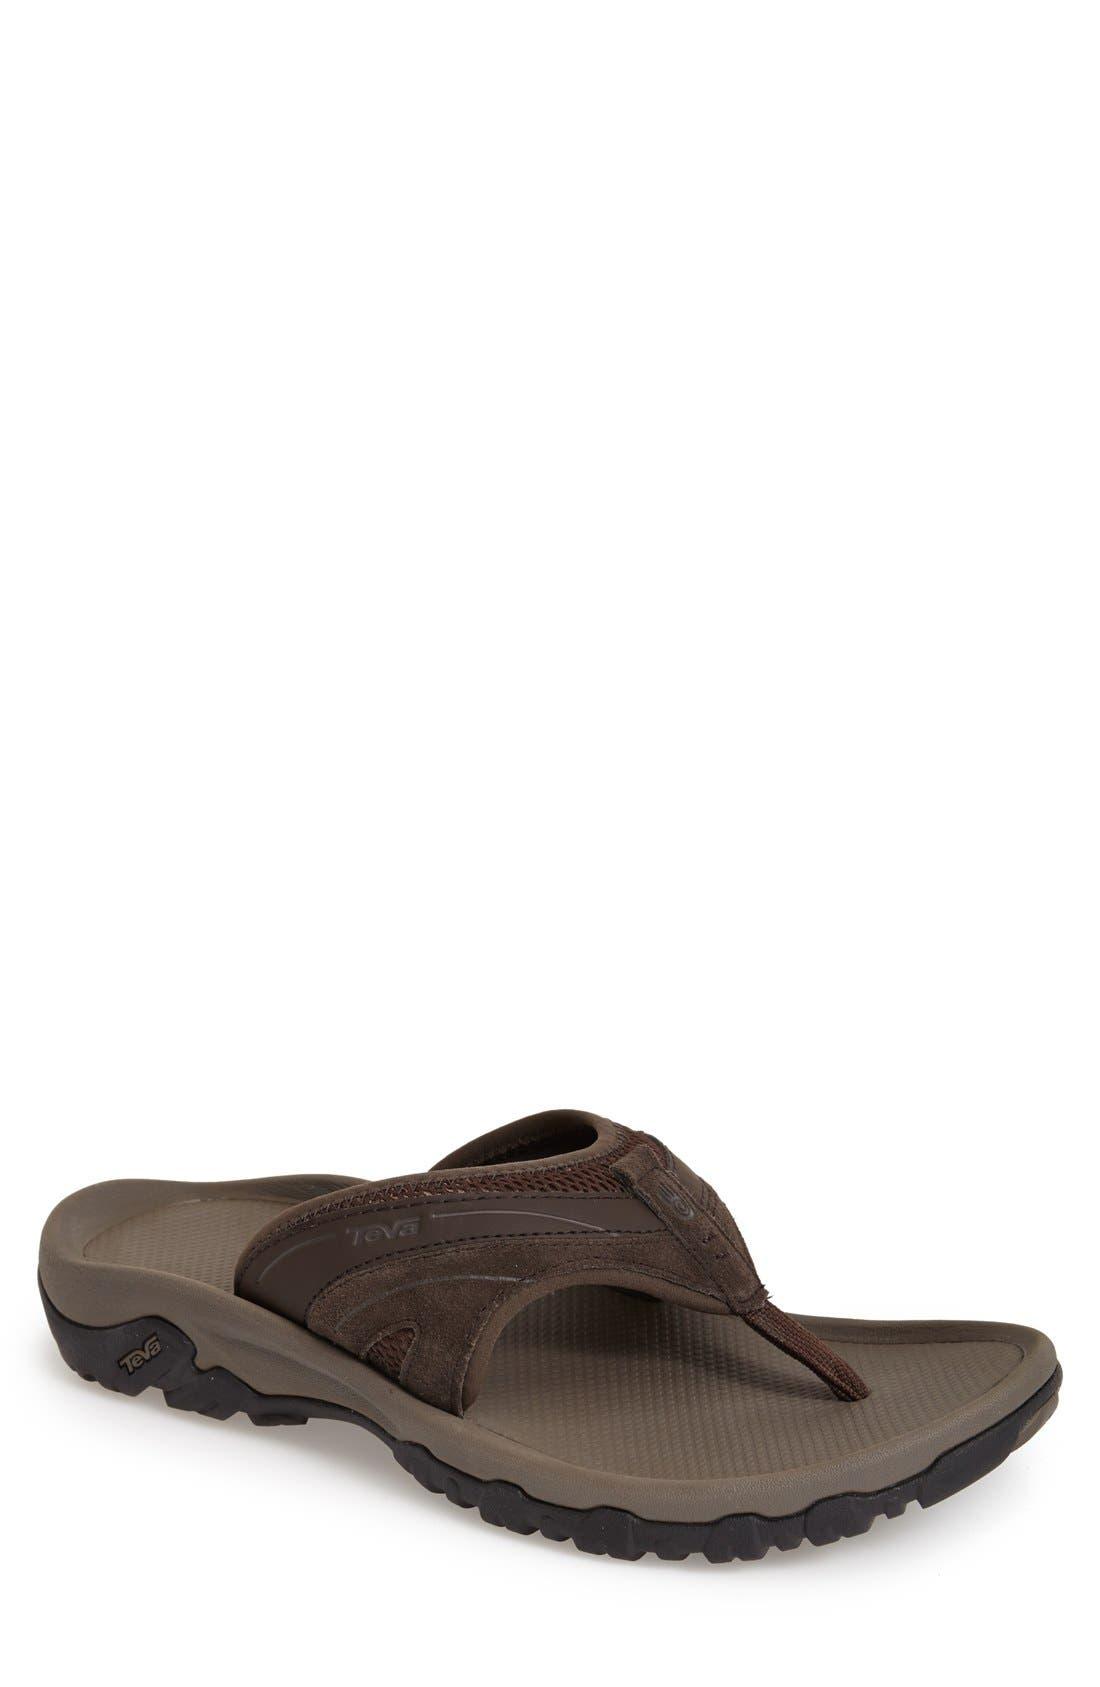 Alternate Image 1 Selected - Teva 'Pajaro' Sandal (Men)